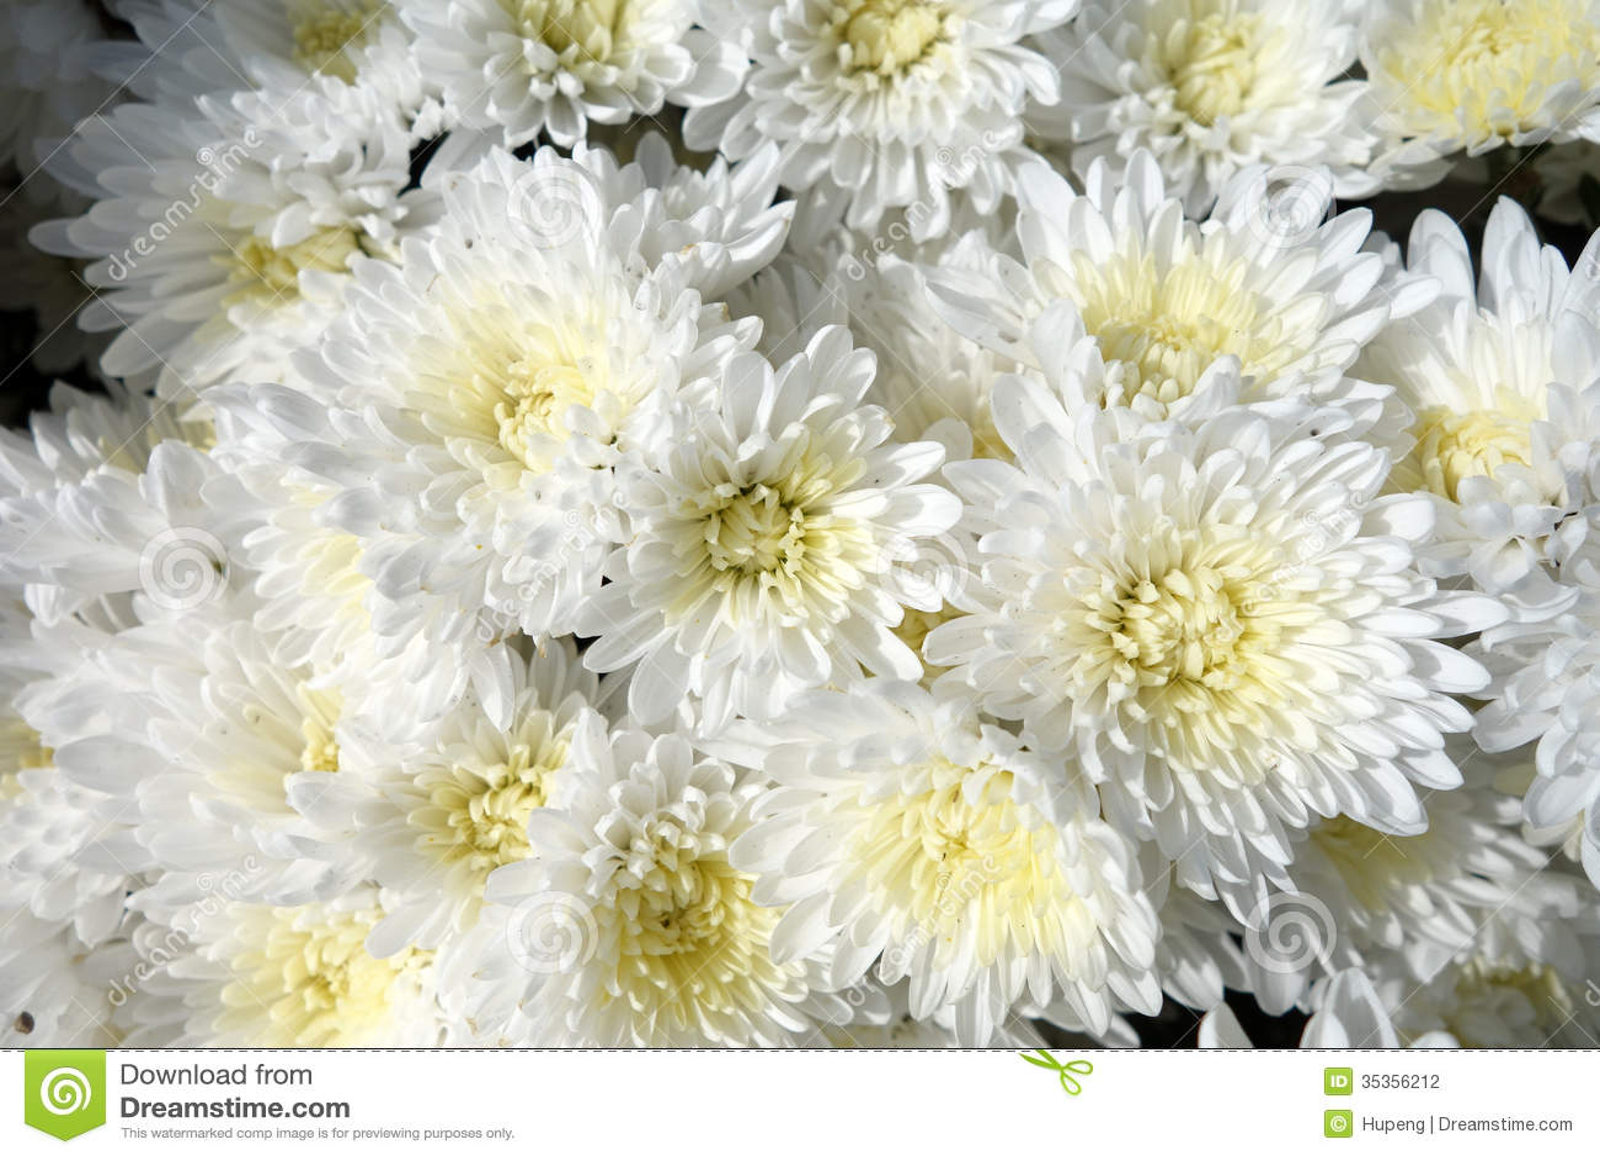 Цветы фото белые хризантемы